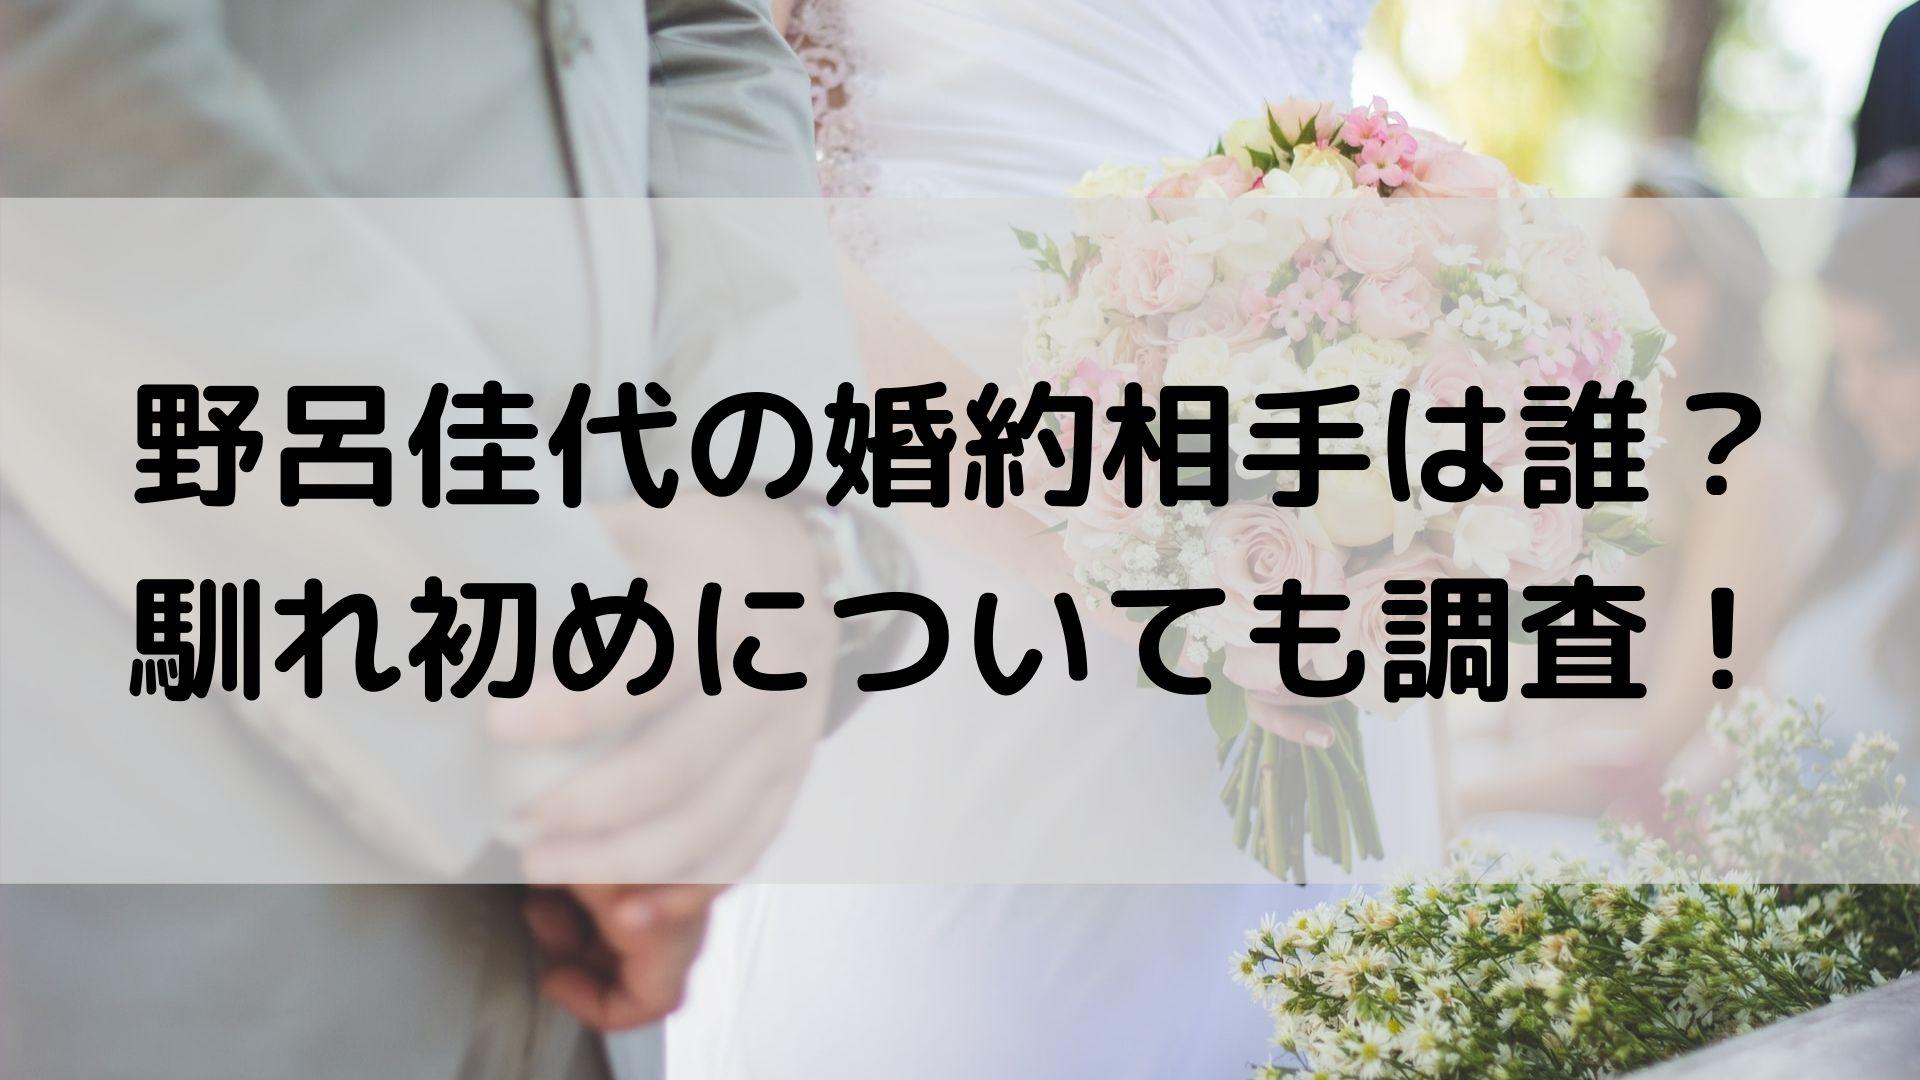 正広 相手 中居 結婚